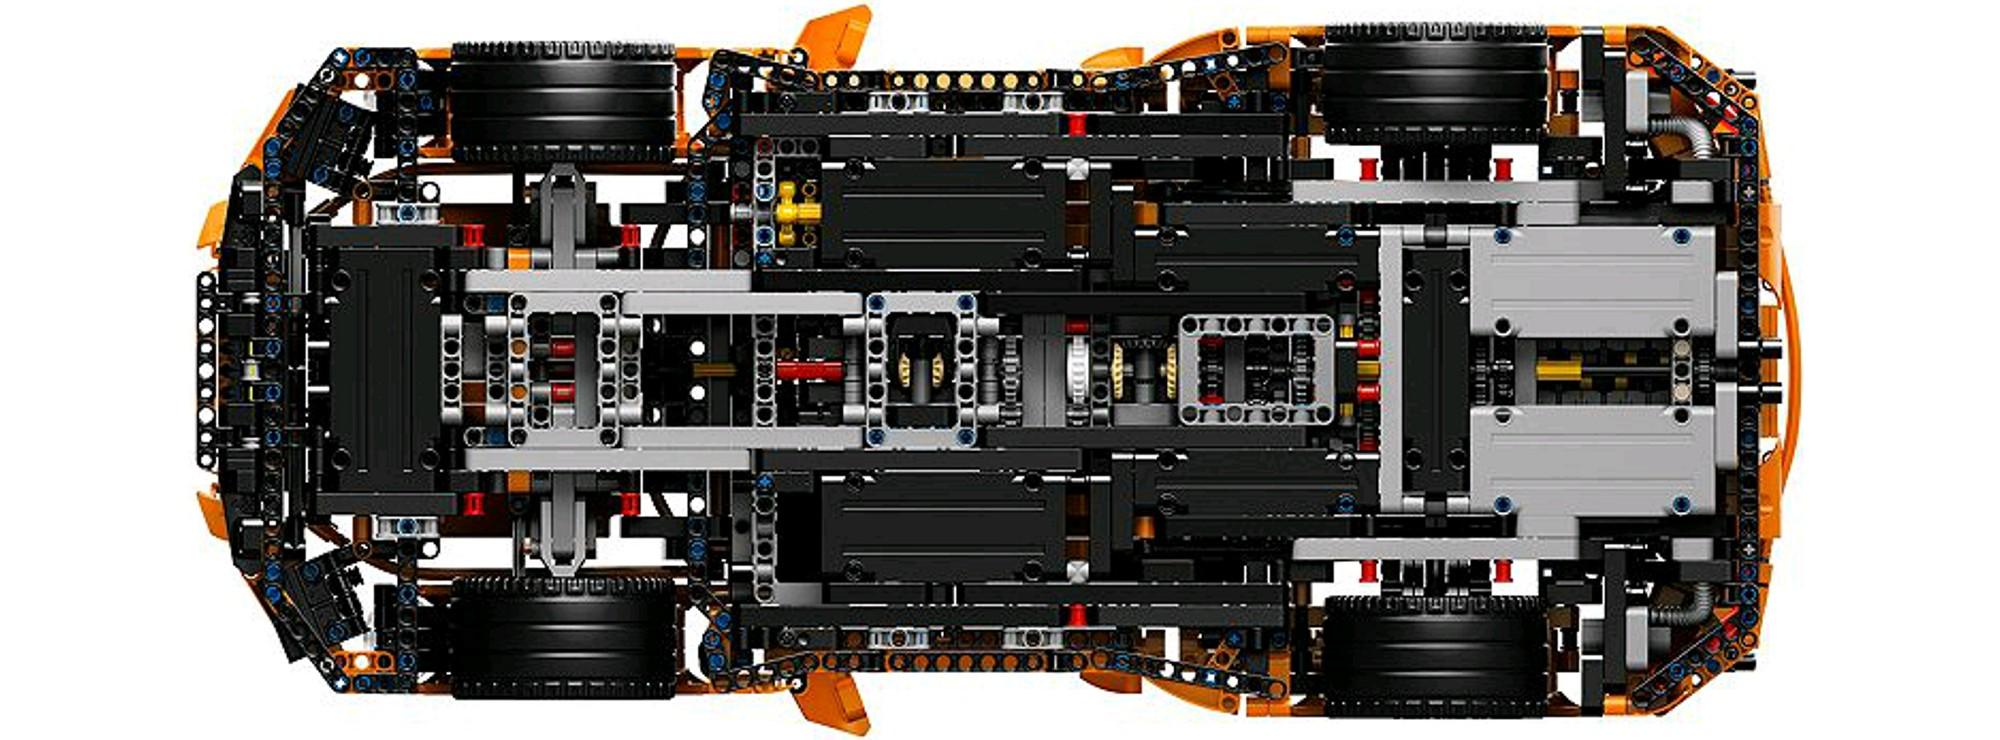 lego 42056 porsche 911 gt3 rs exklusiv modell lego. Black Bedroom Furniture Sets. Home Design Ideas